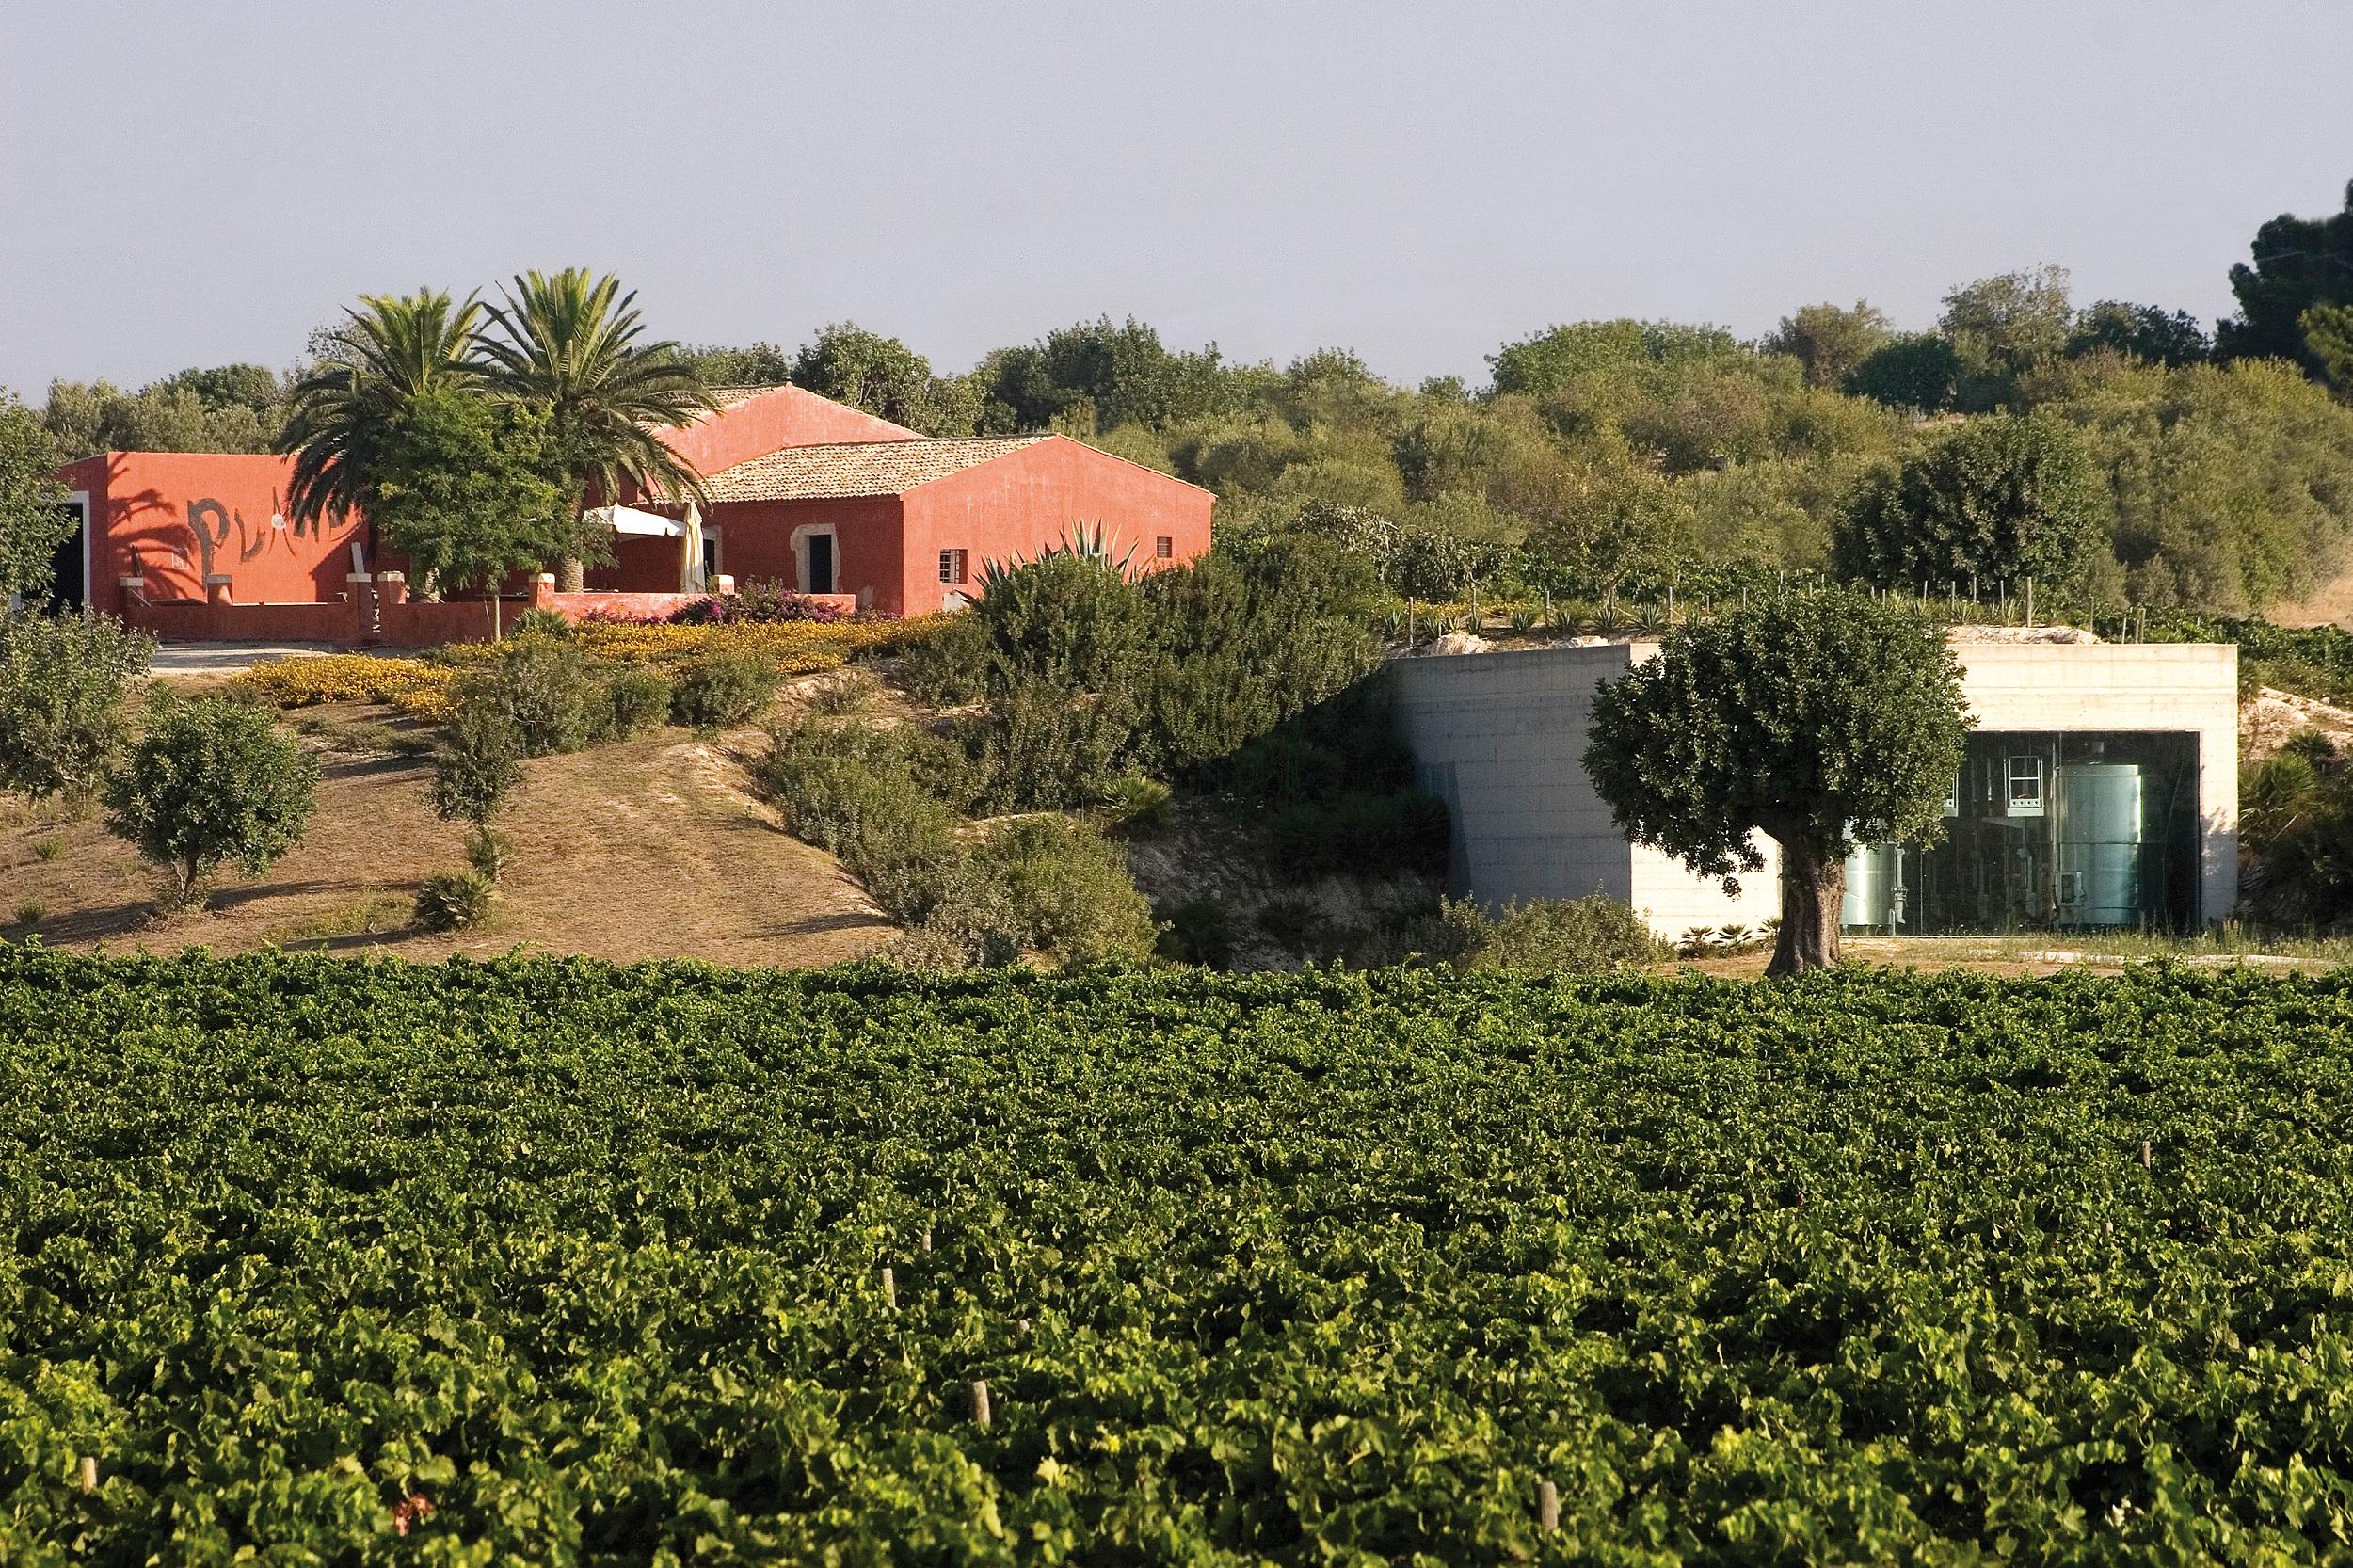 Situata nei pressi delle città tardo-barocche di Noto e Modica, oggi siti Unesco, ed a pochi chilometri dal borgo marinaro di Marzamemi, la tenuta Buonivini prende il nome, ancora oggi in uso, dall'antica contrada nella quale è ubicata.